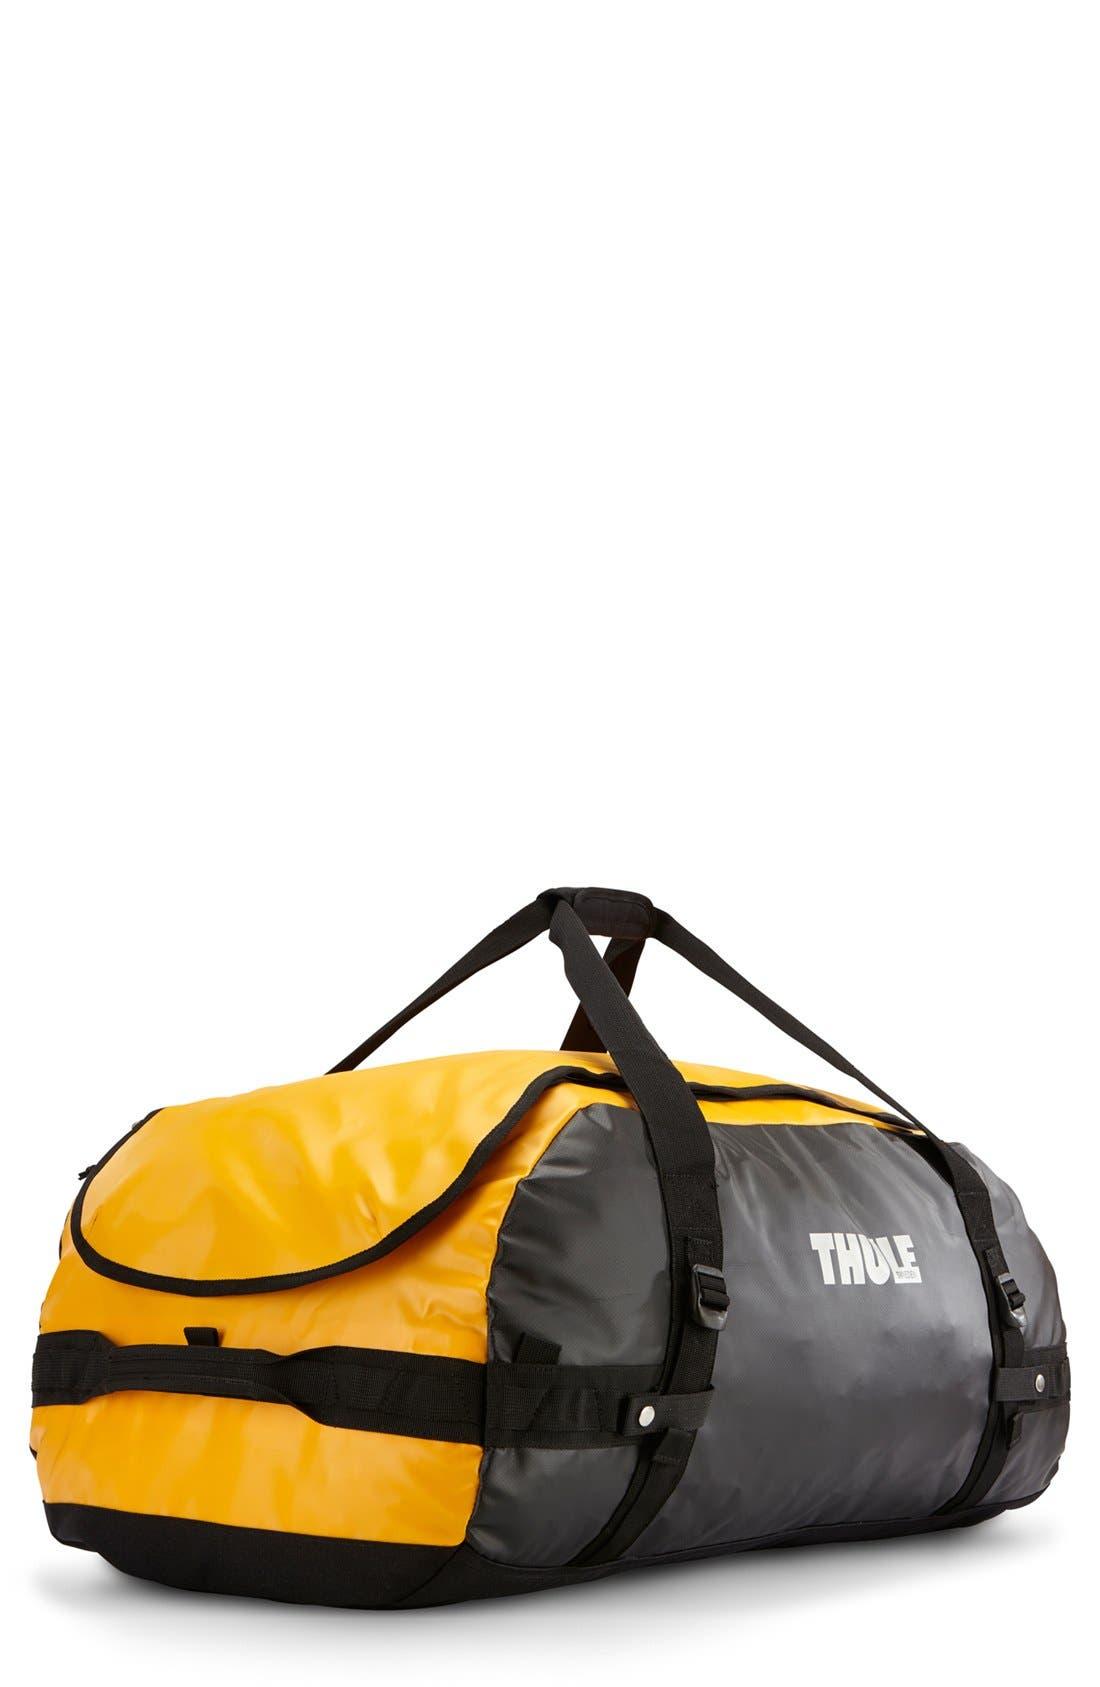 Alternate Image 1 Selected - Thule Large Duffel Bag (90L Capacity)